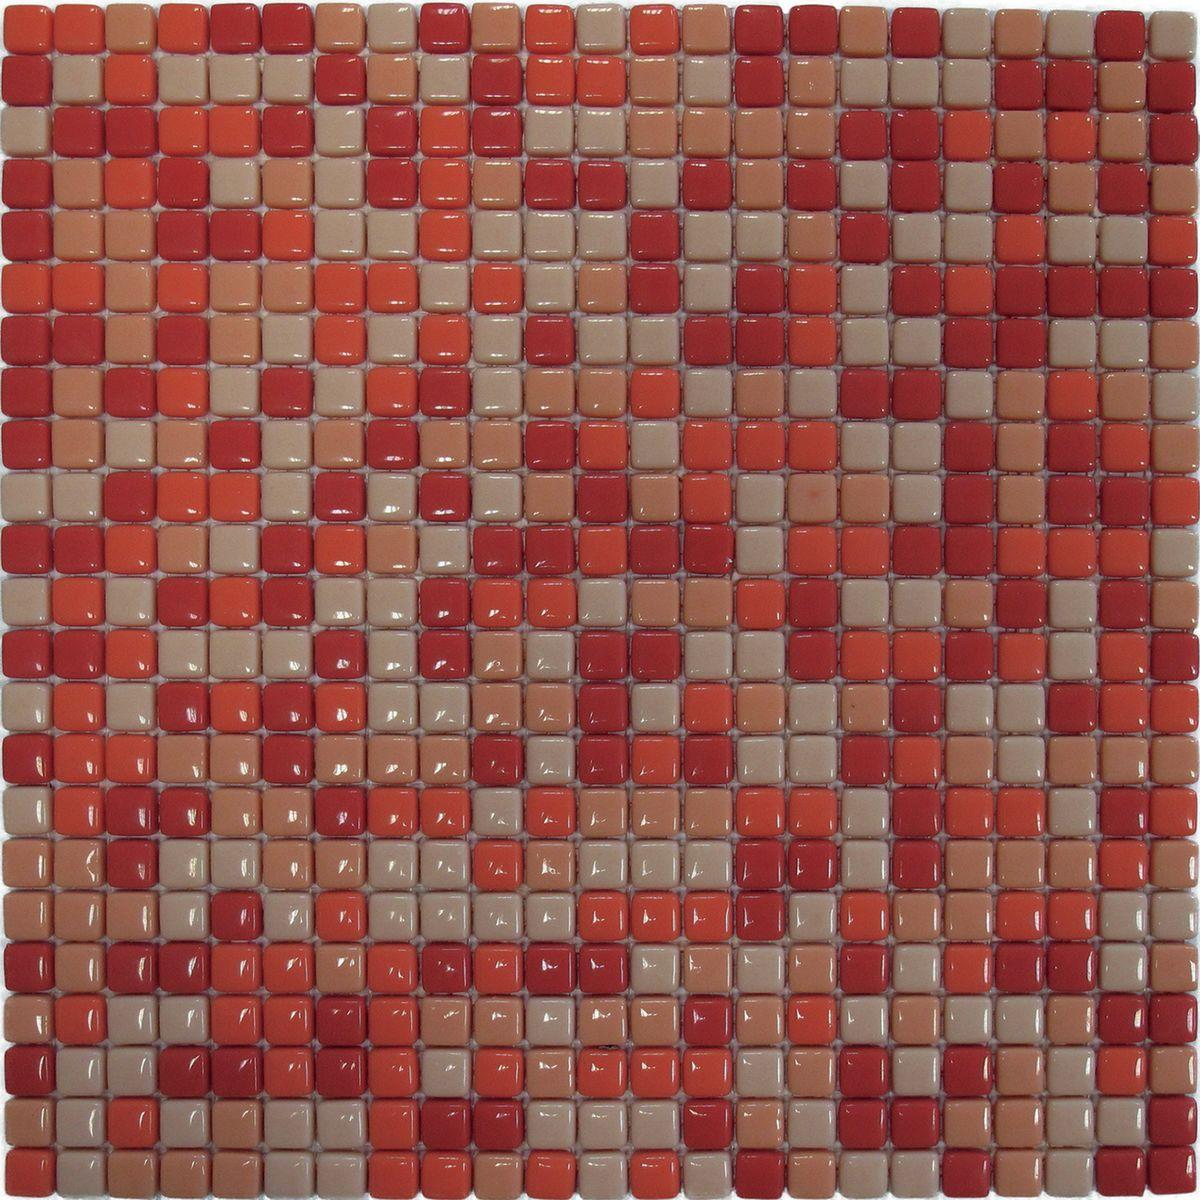 Piastrelle Bagno Mosaico Prezzi. Top Mosaico Bagno Originale Colore ...